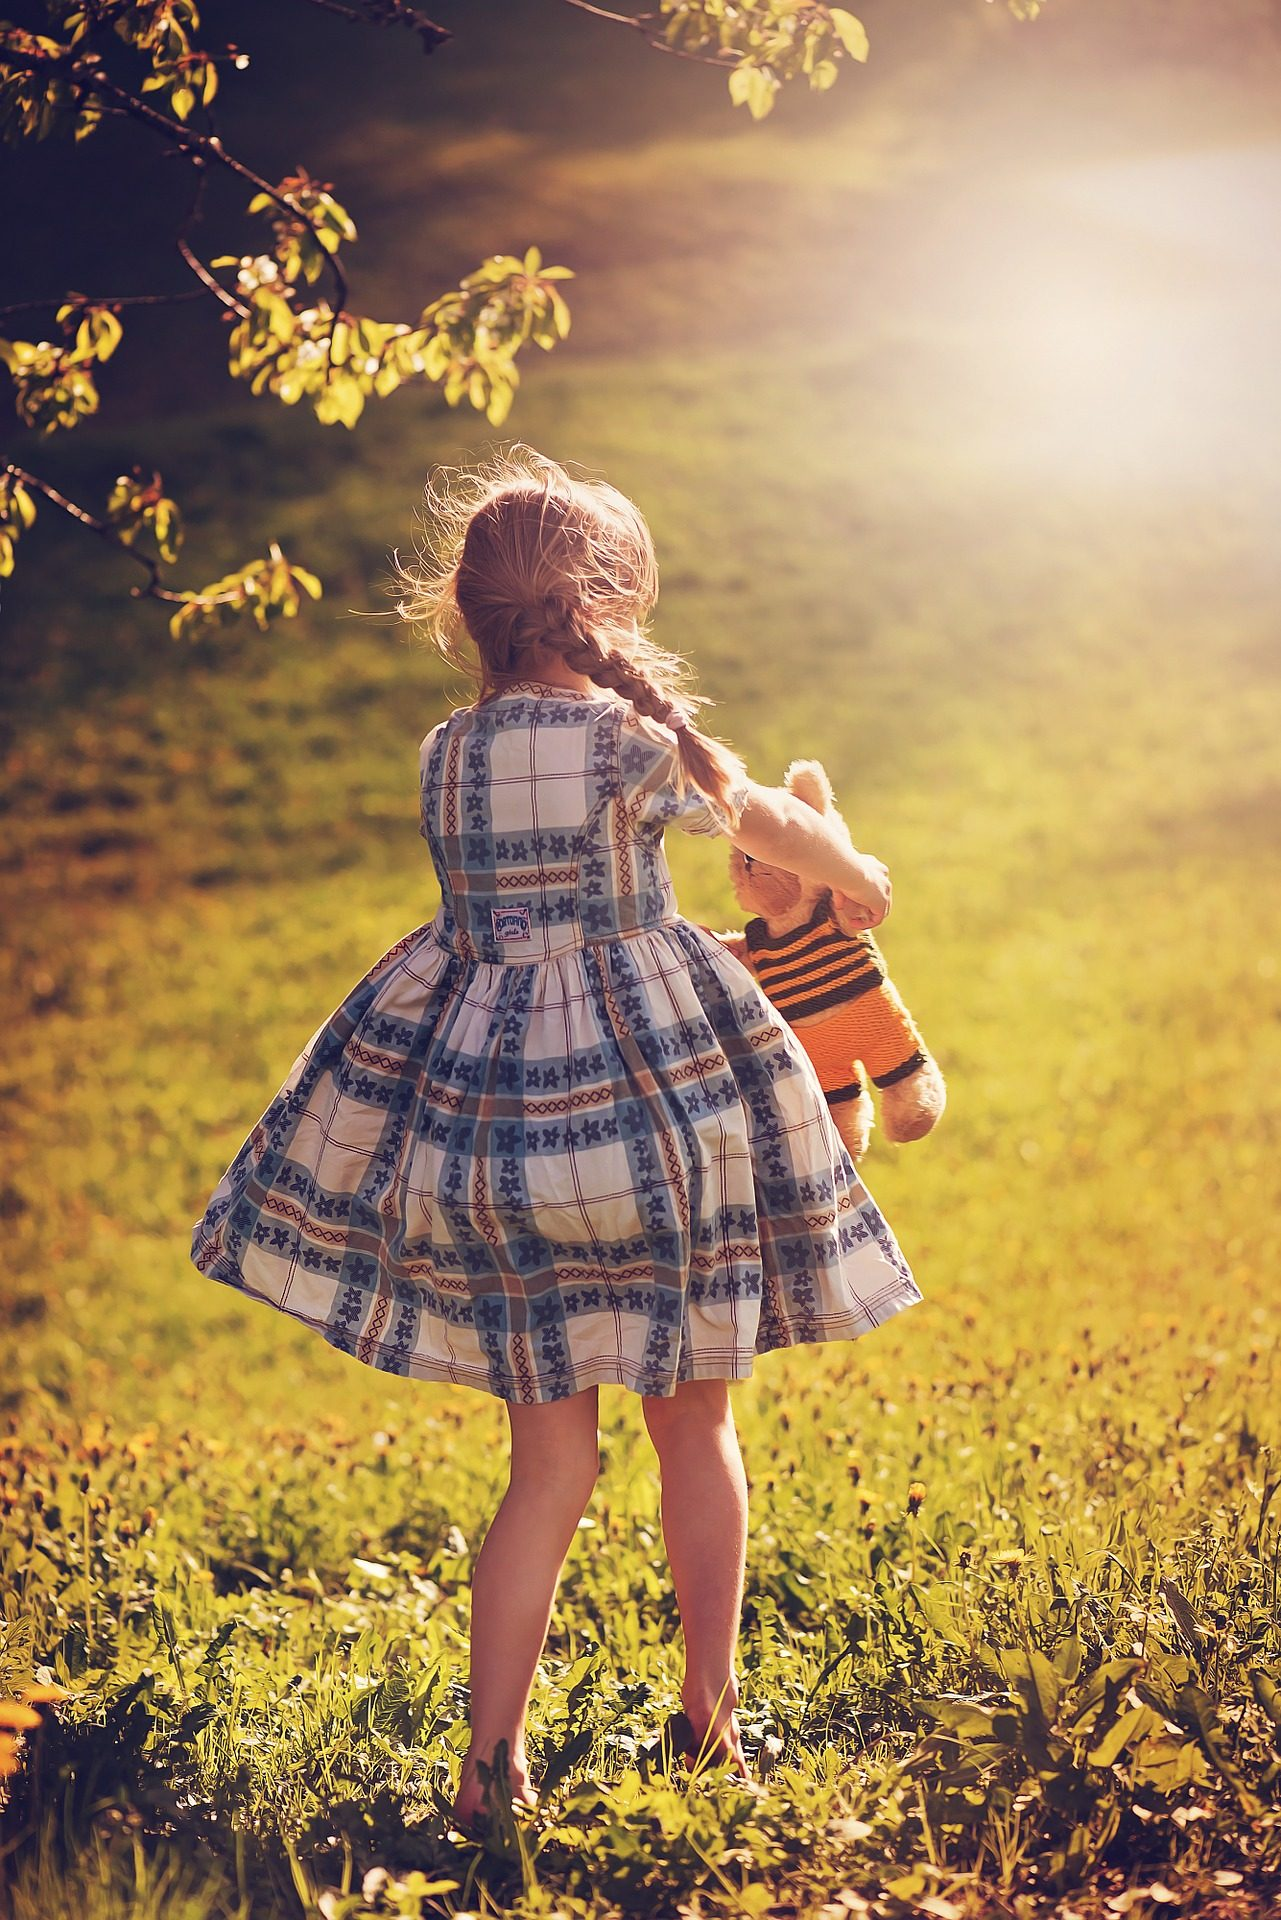 menina, vestido, tranças, Teddy, jogo, Jardim - Papéis de parede HD - Professor-falken.com